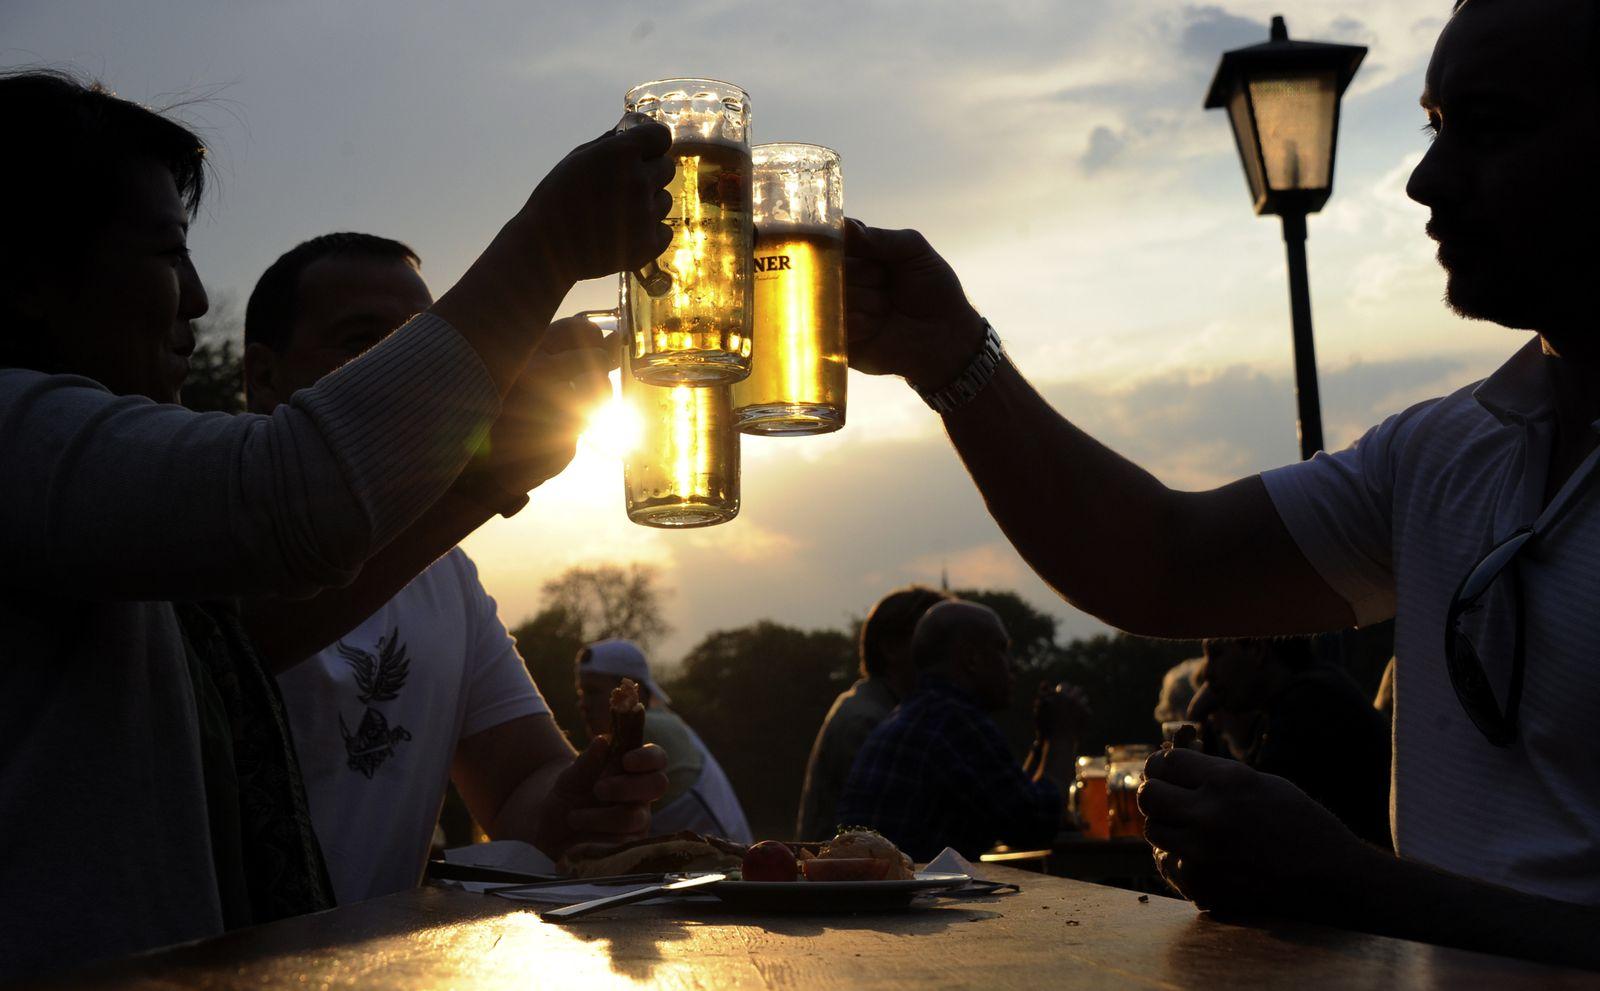 KaSP Bier / Feierabend / Abendstimmung Biergarten